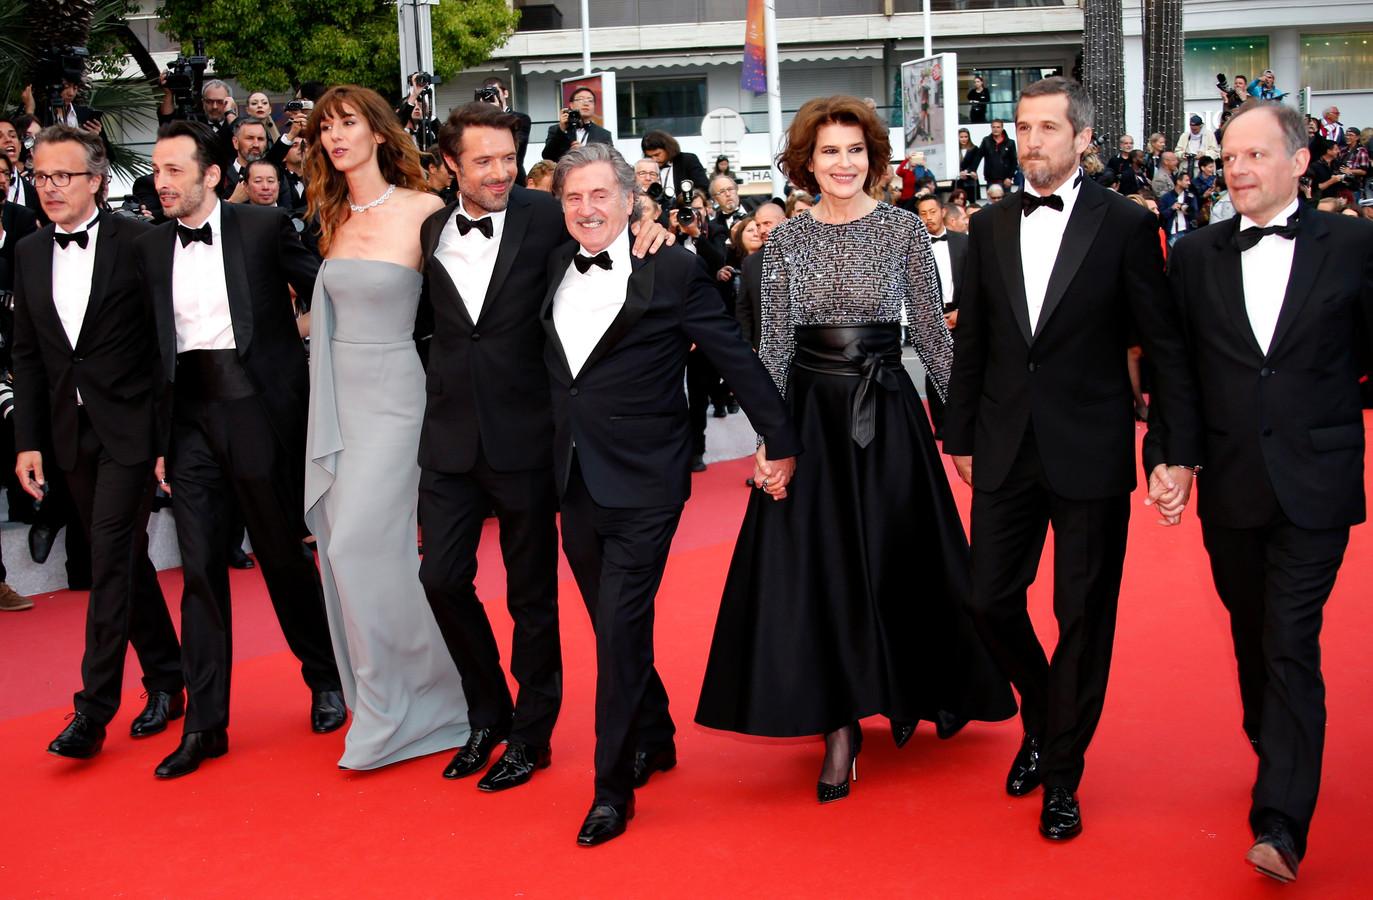 Nicolas Bedos, Doria Tillier, Daniel Auteuil, Fanny Ardant, Guillaume Canet